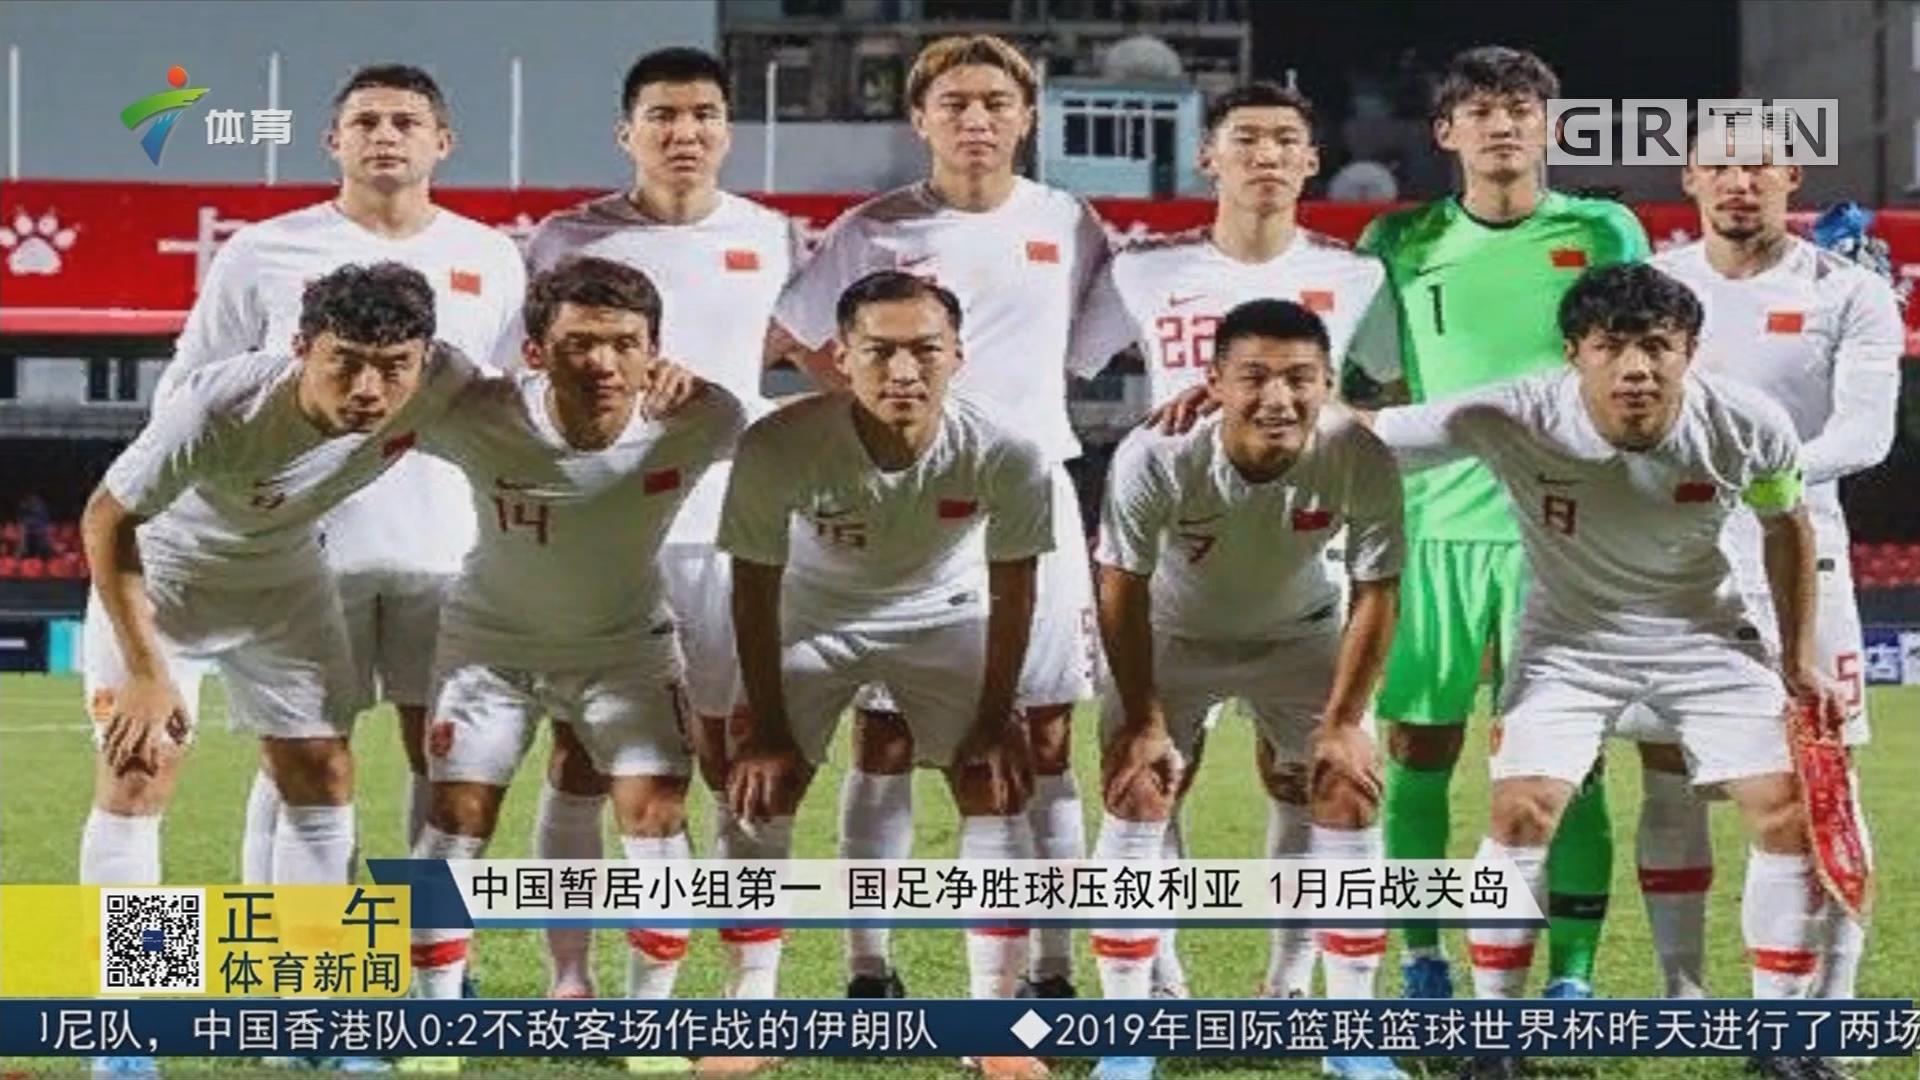 中国暂居小组第一 国足净胜球压叙利亚 1月后战关岛